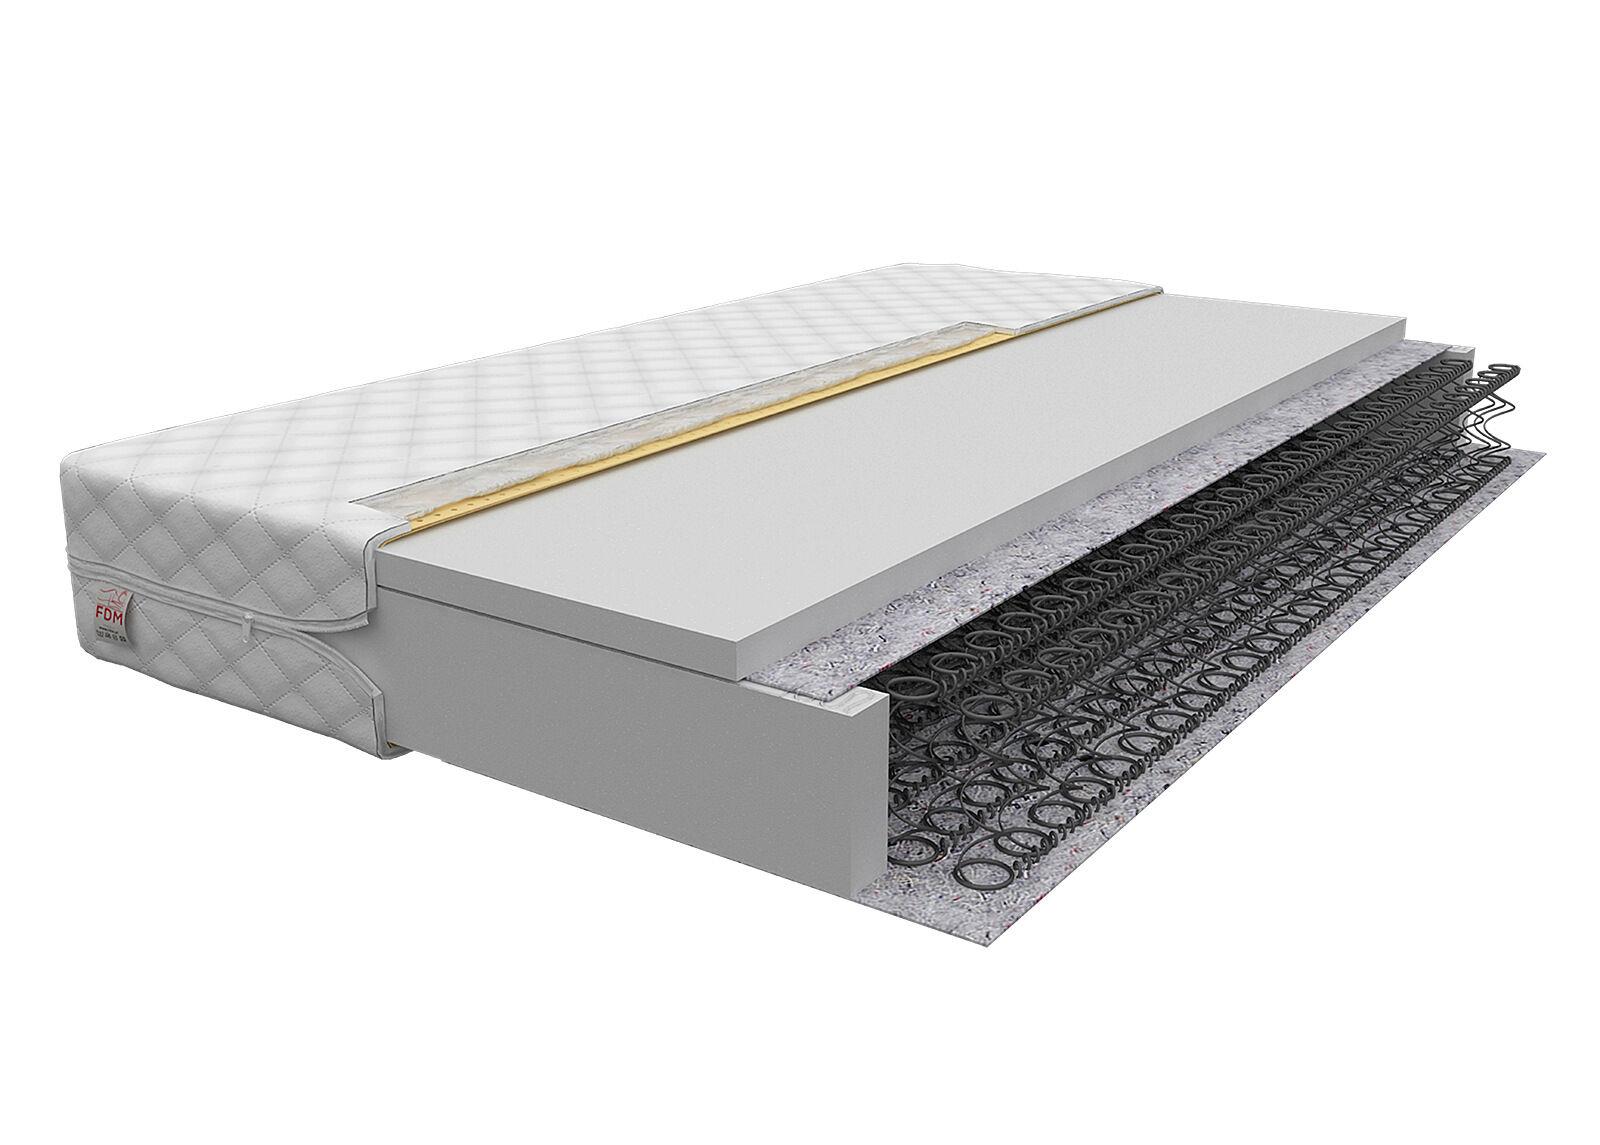 FDM Vaahtomuovipatja Iris 80x200 cm